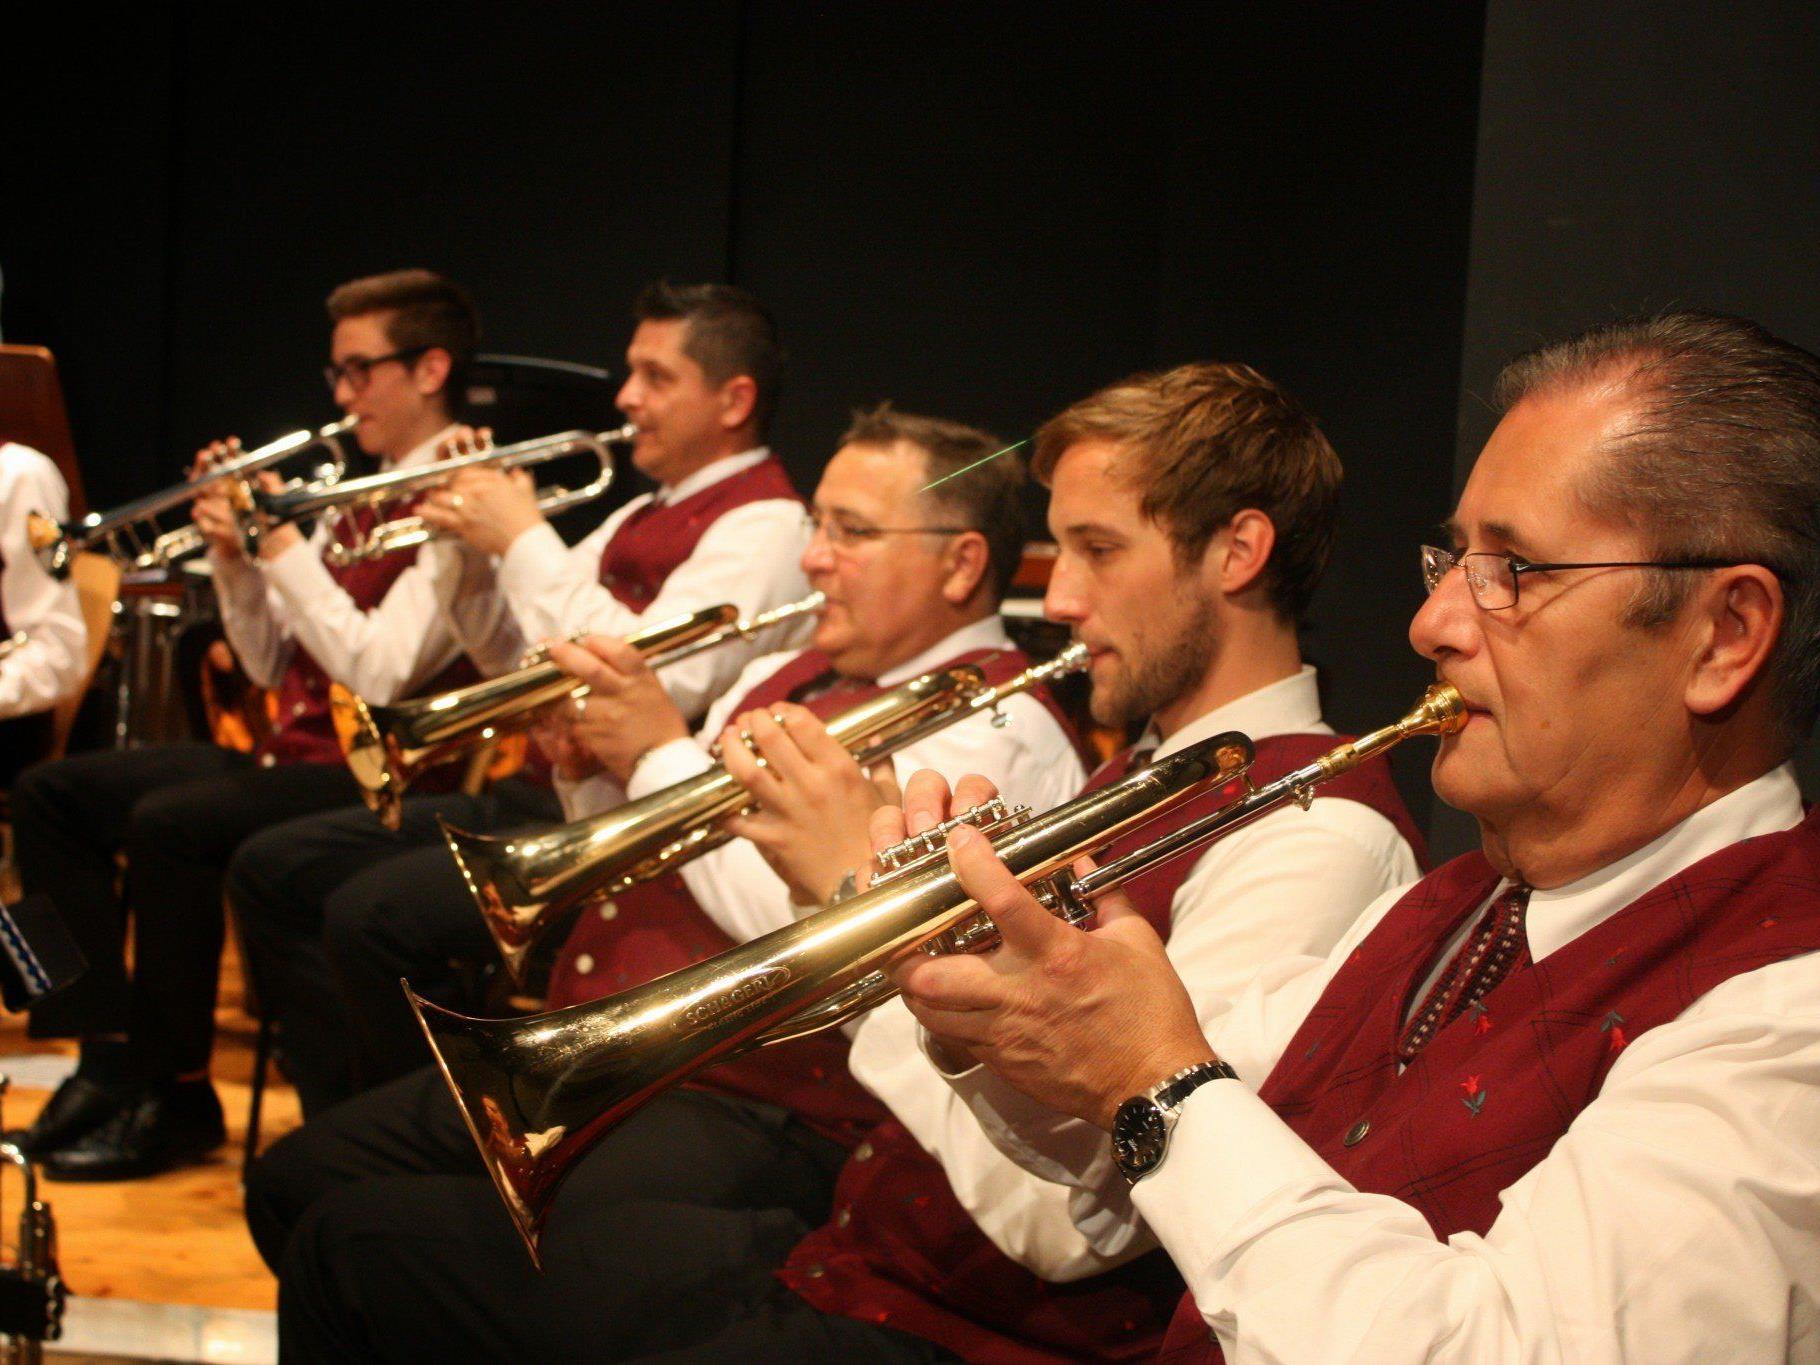 Der Musikverein Concordia Lustenau brillierte beim Frühjahrskonzert im Reichshofsaal